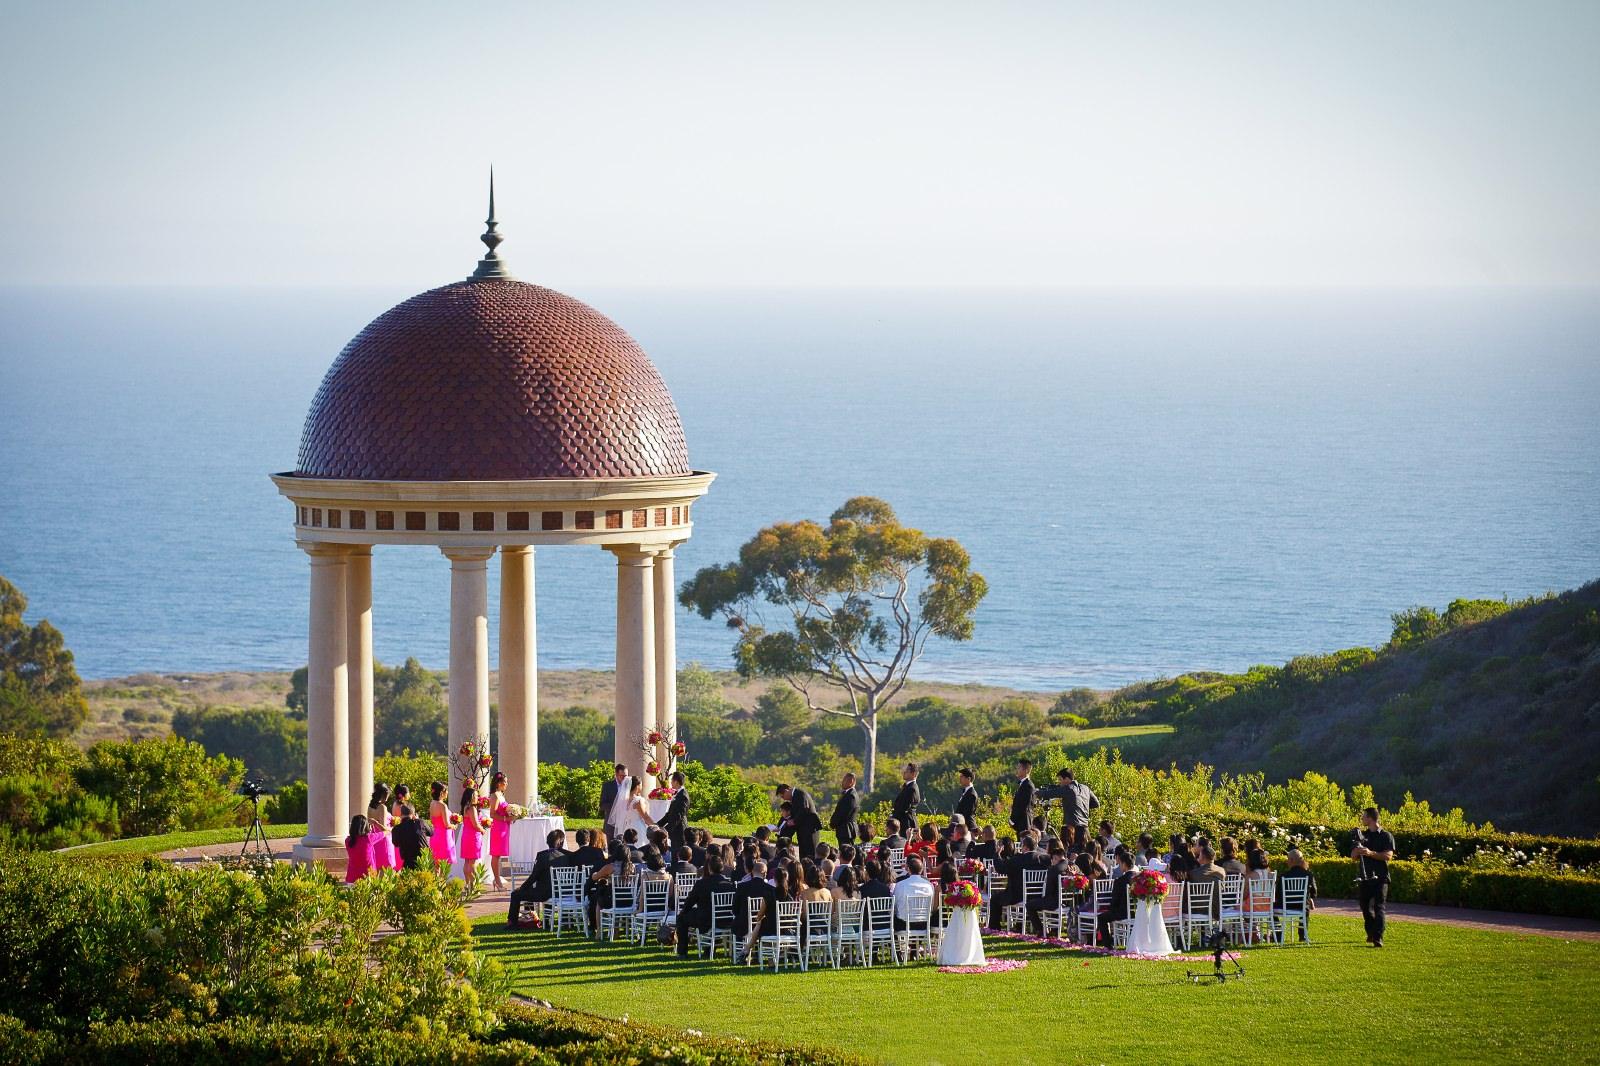 pelican-hill-outdoor-ceremony-location